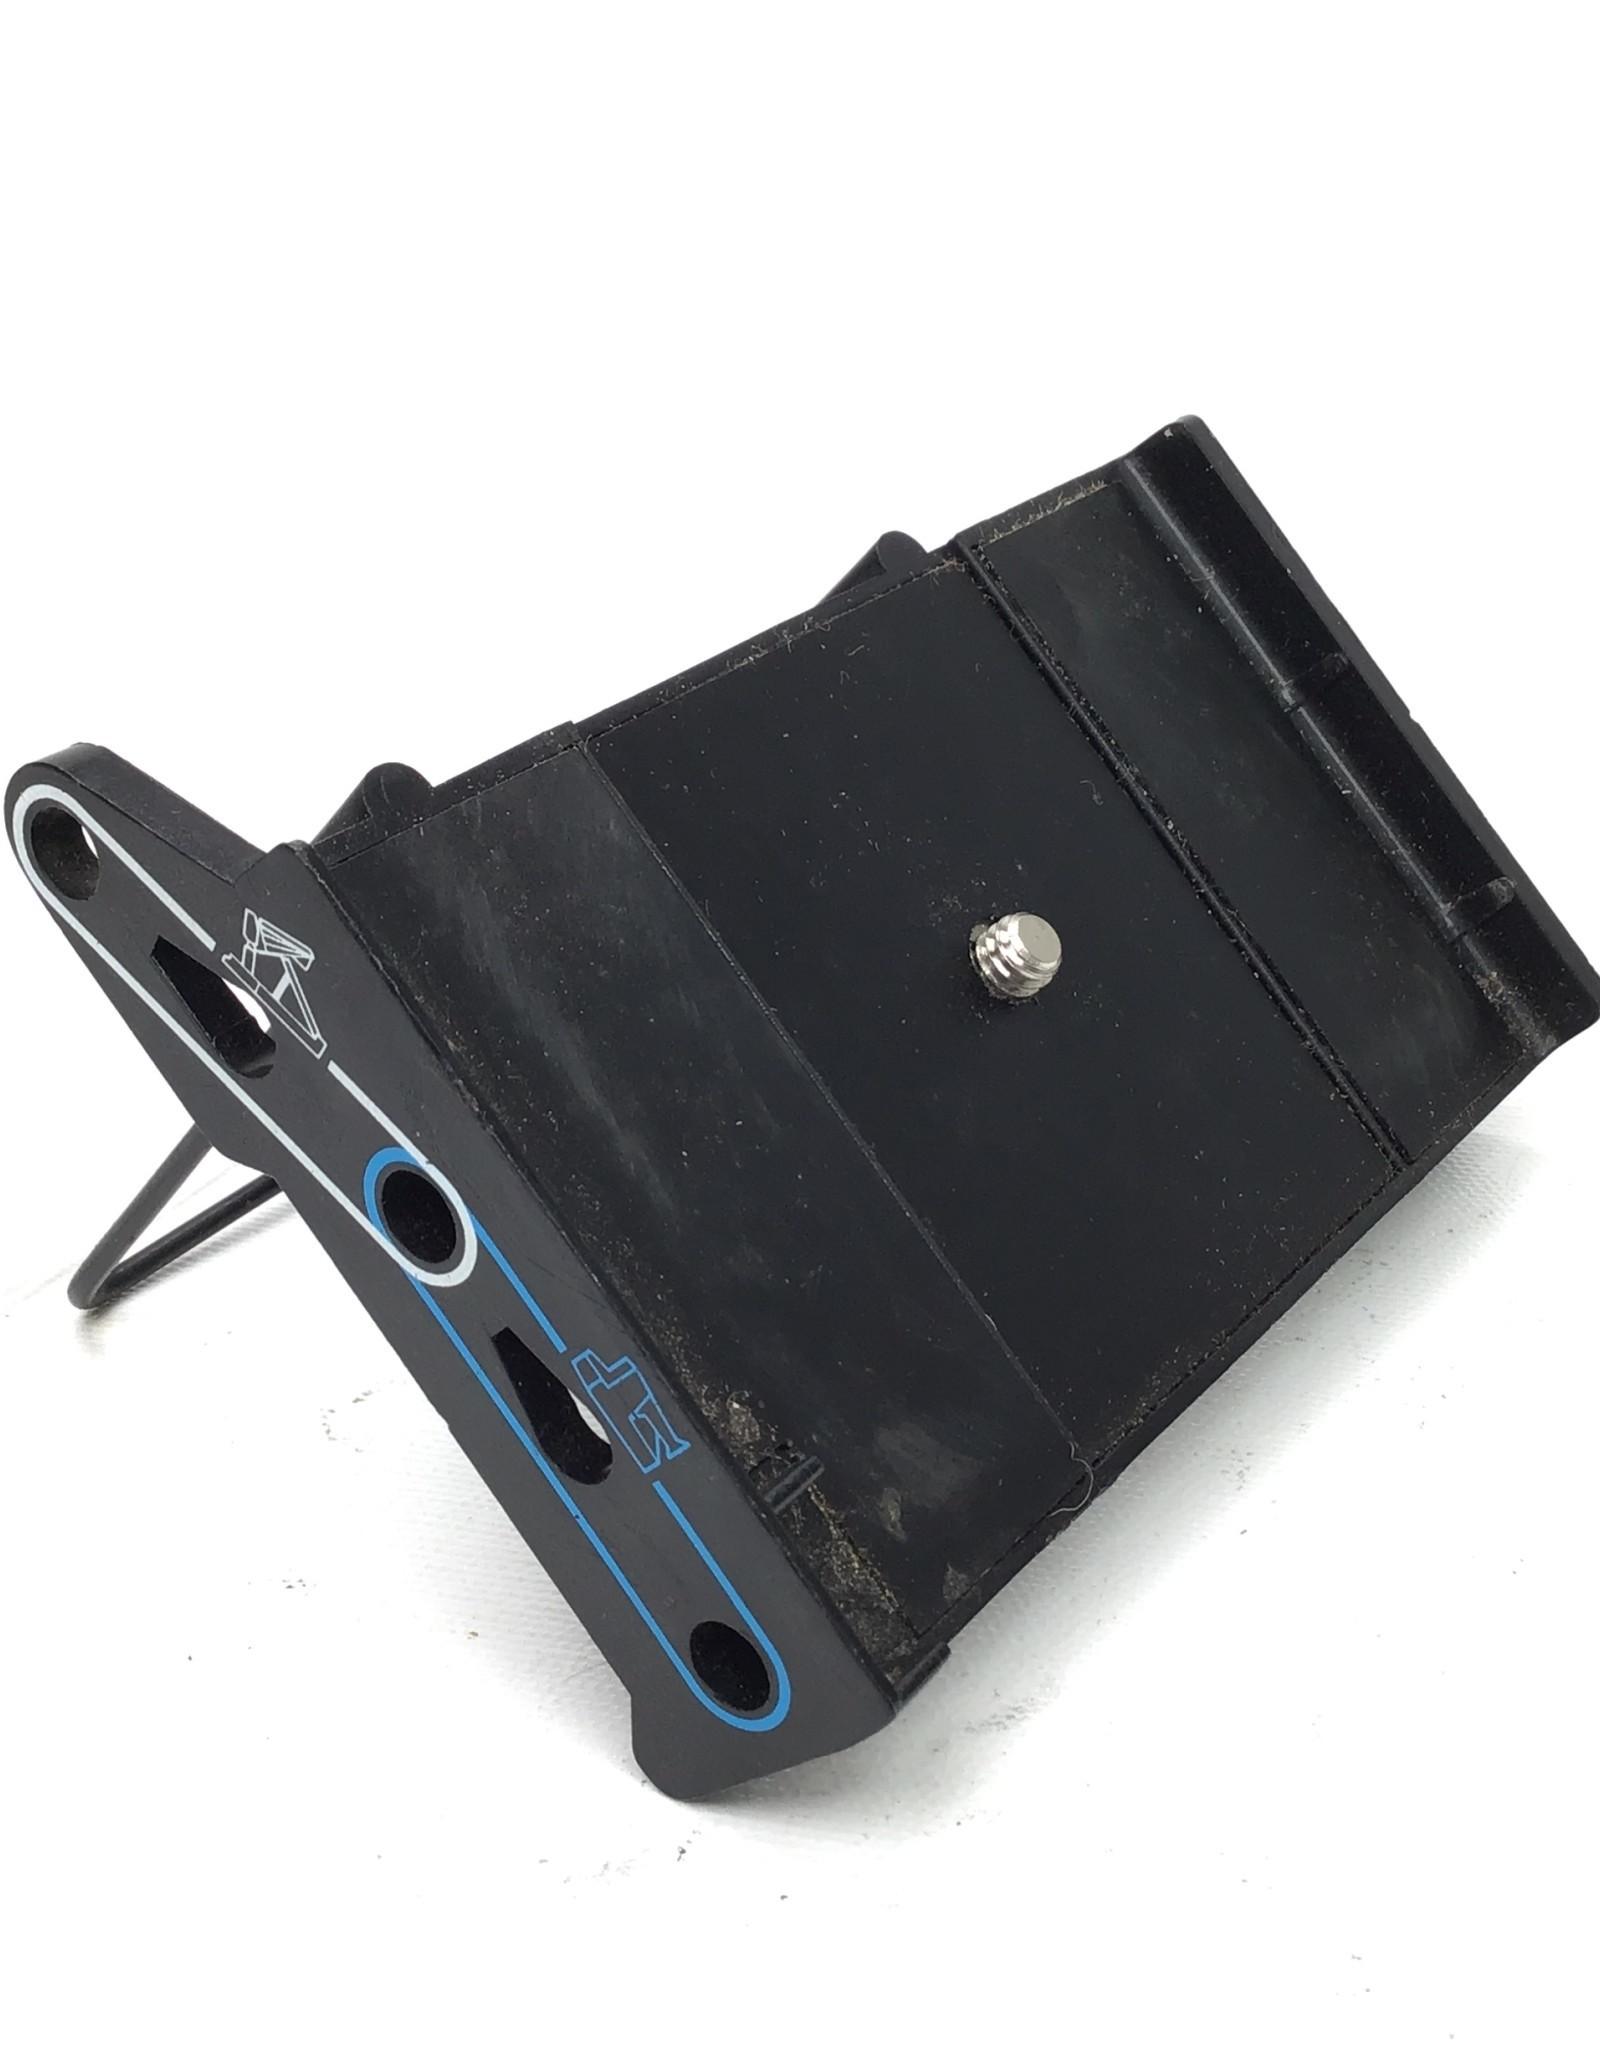 POLAROID Polaroid 2352 Stand for SX-70 Used Good